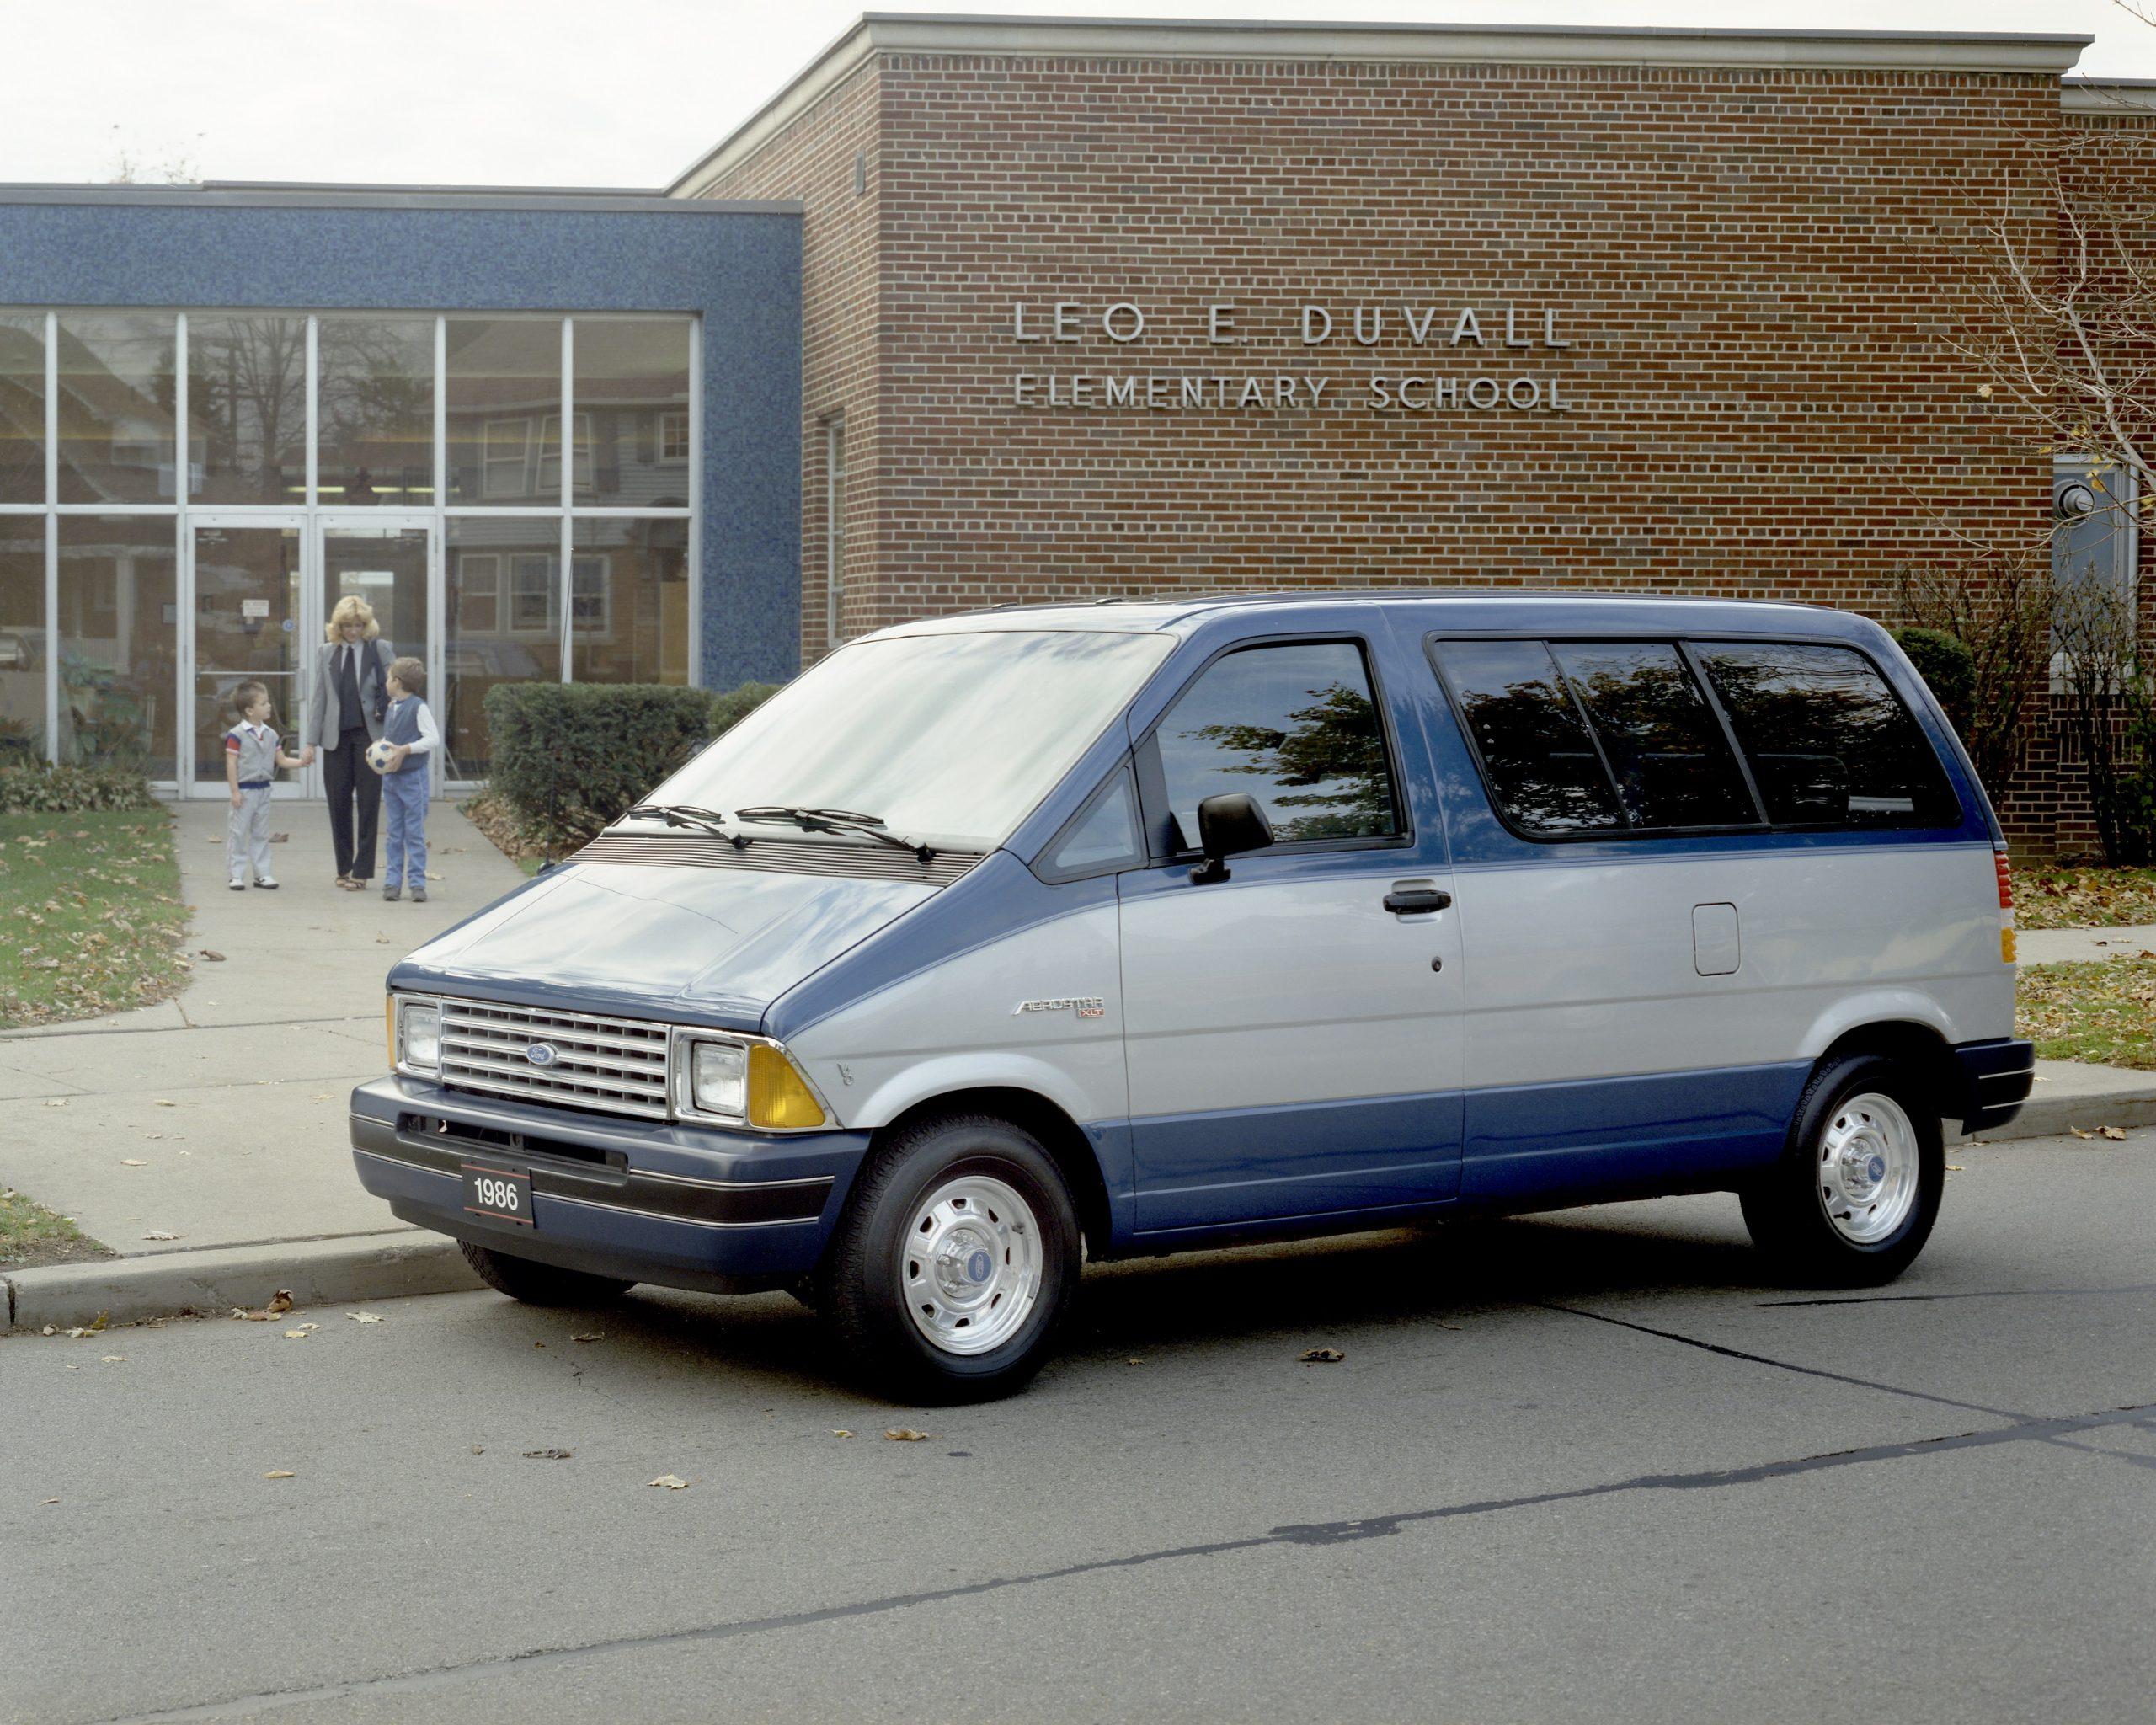 1986 Ford Aerostar